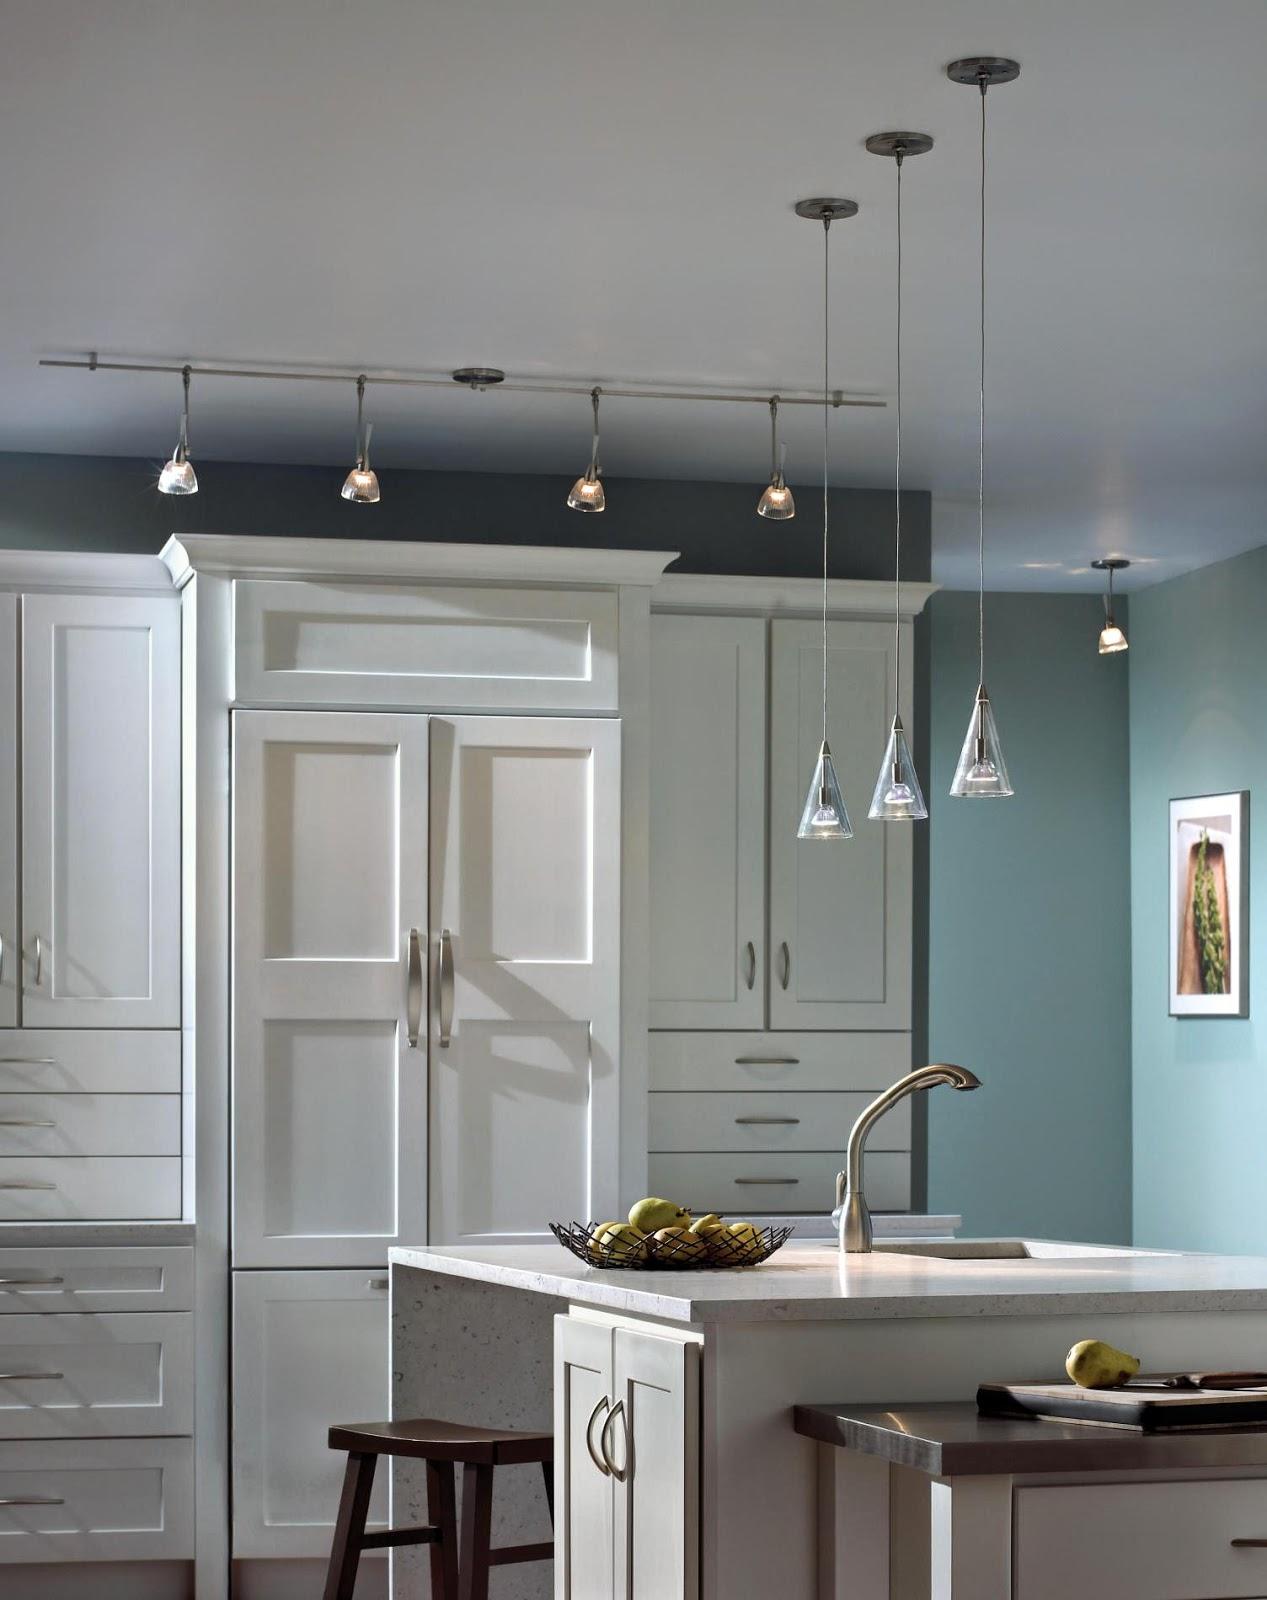 Multinotas lamparas de techo cocinas modernas - Lamparas colgantes para cocina ...